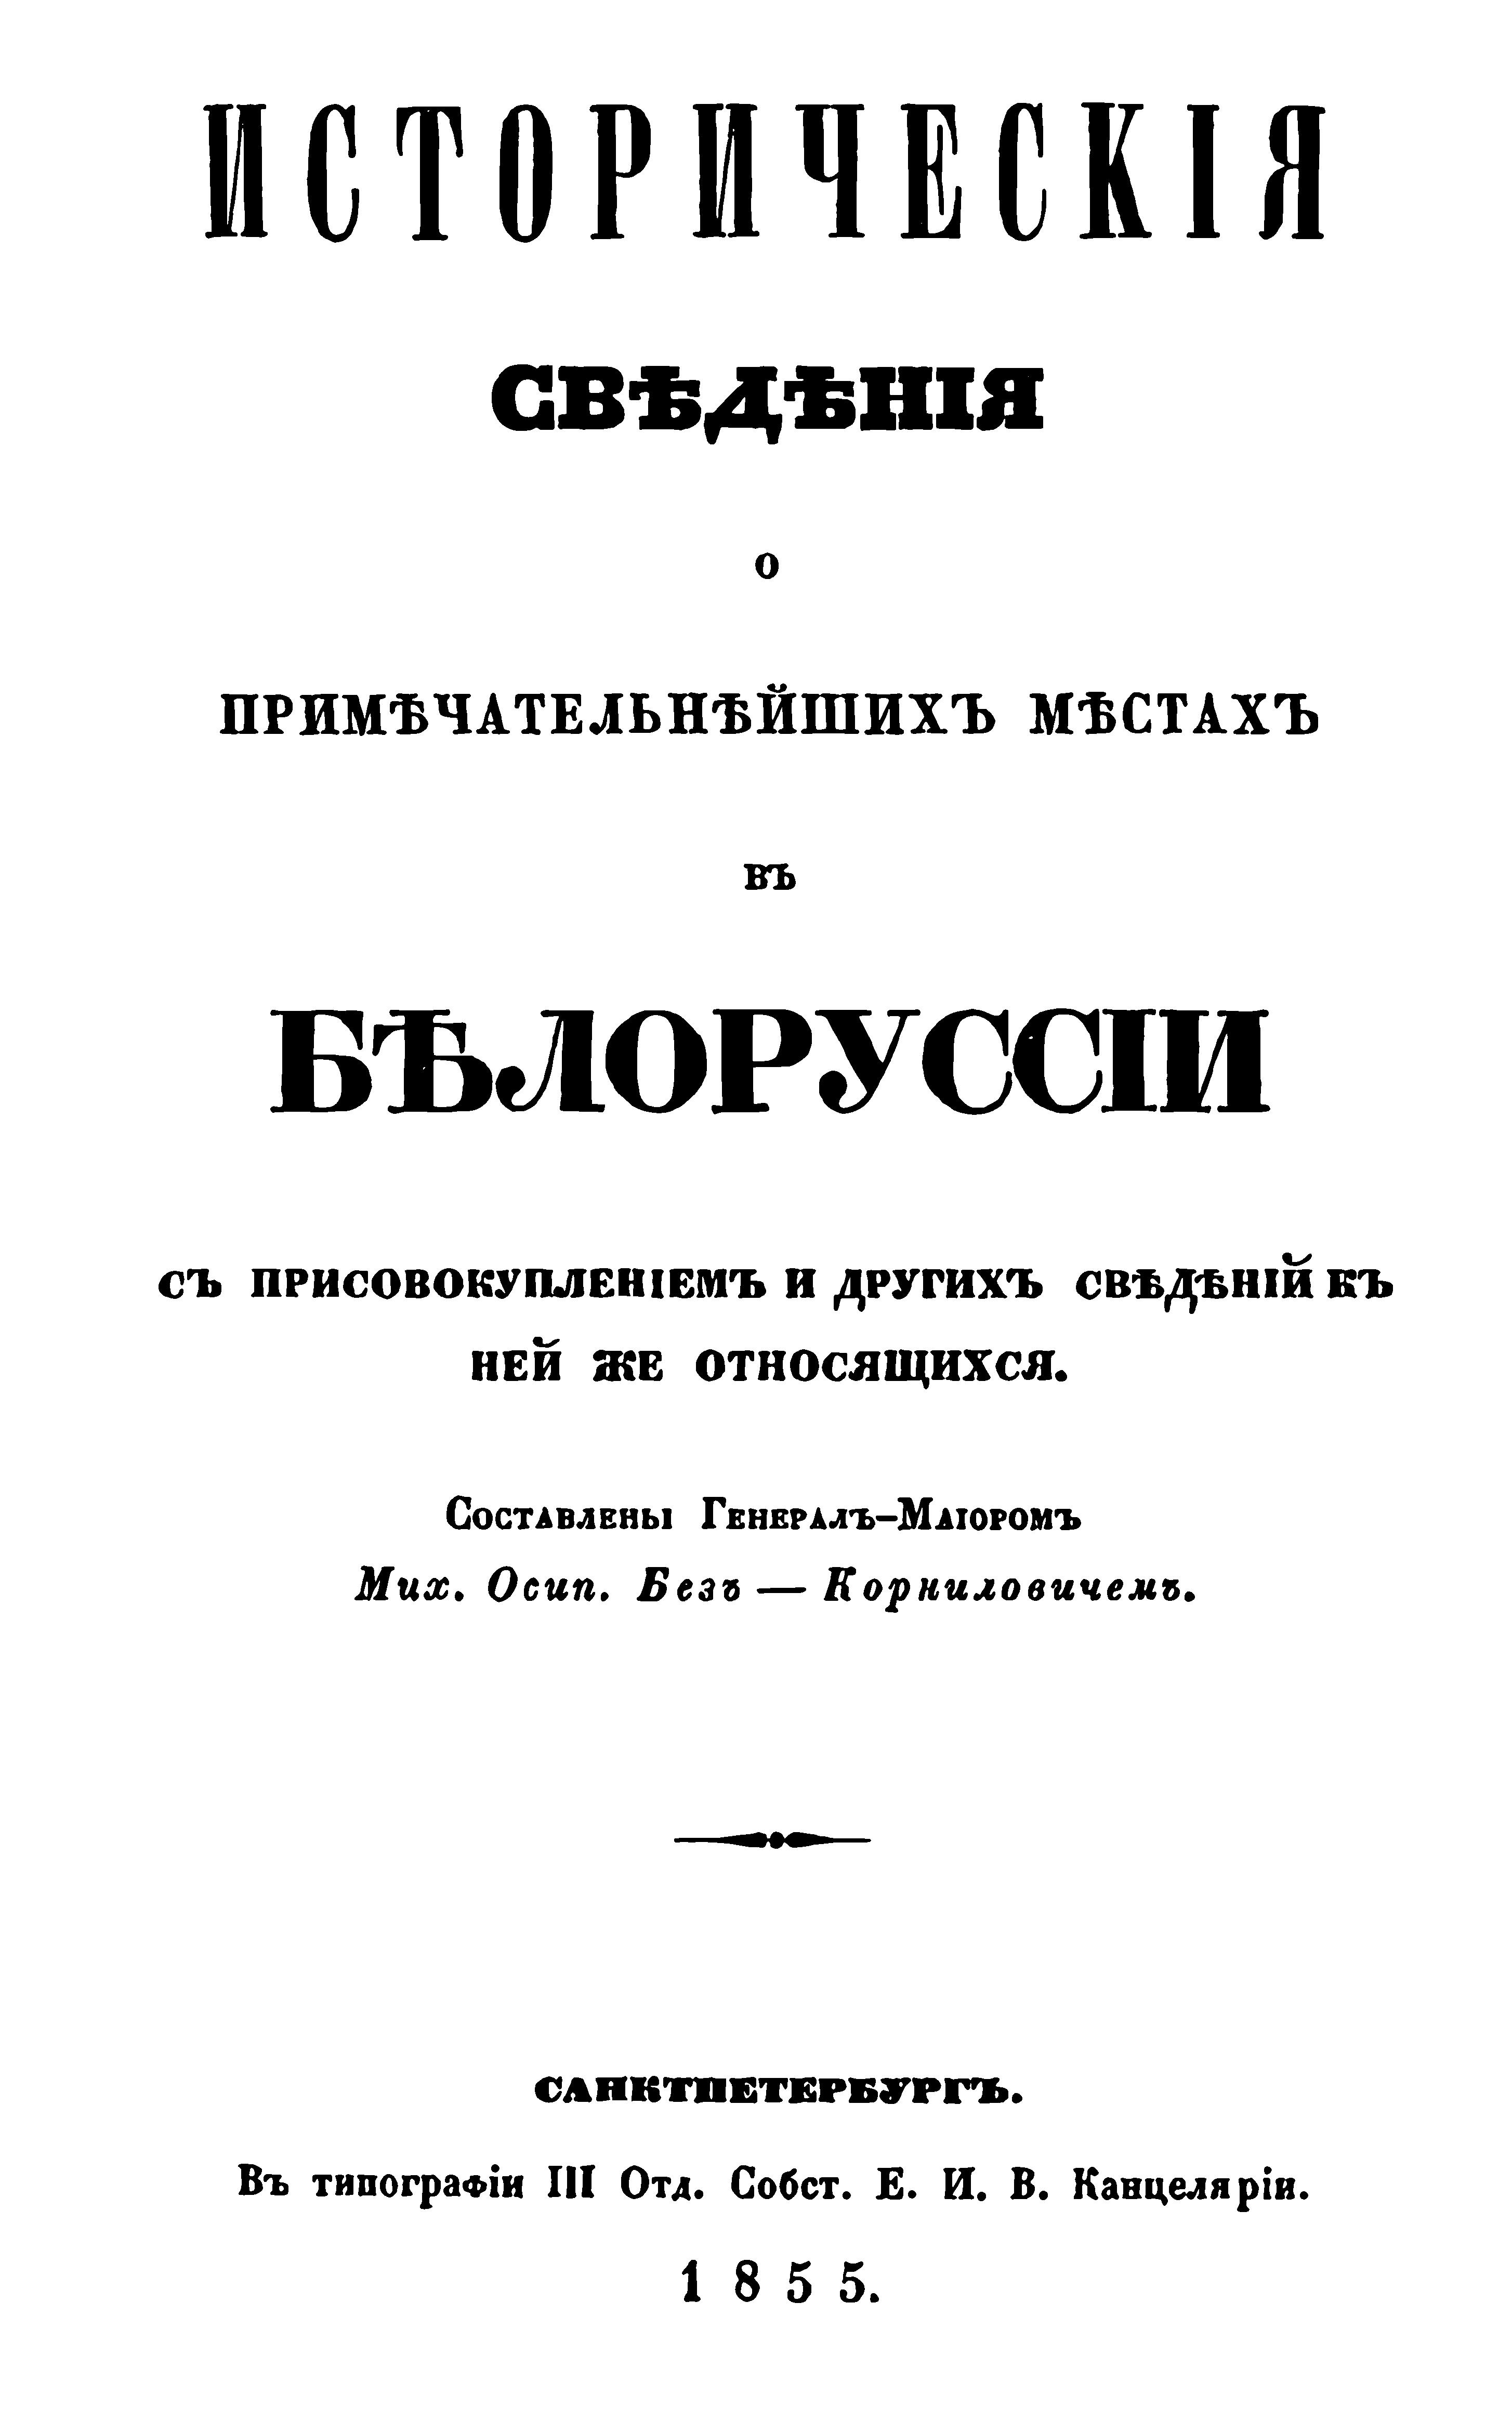 Mihail_Osipovich_Bez-Kornilovich_Istoricheskie_svedeniya_o_primechatelneyshih_mestah_v_Belorussii_RuLit_Net_290313_1